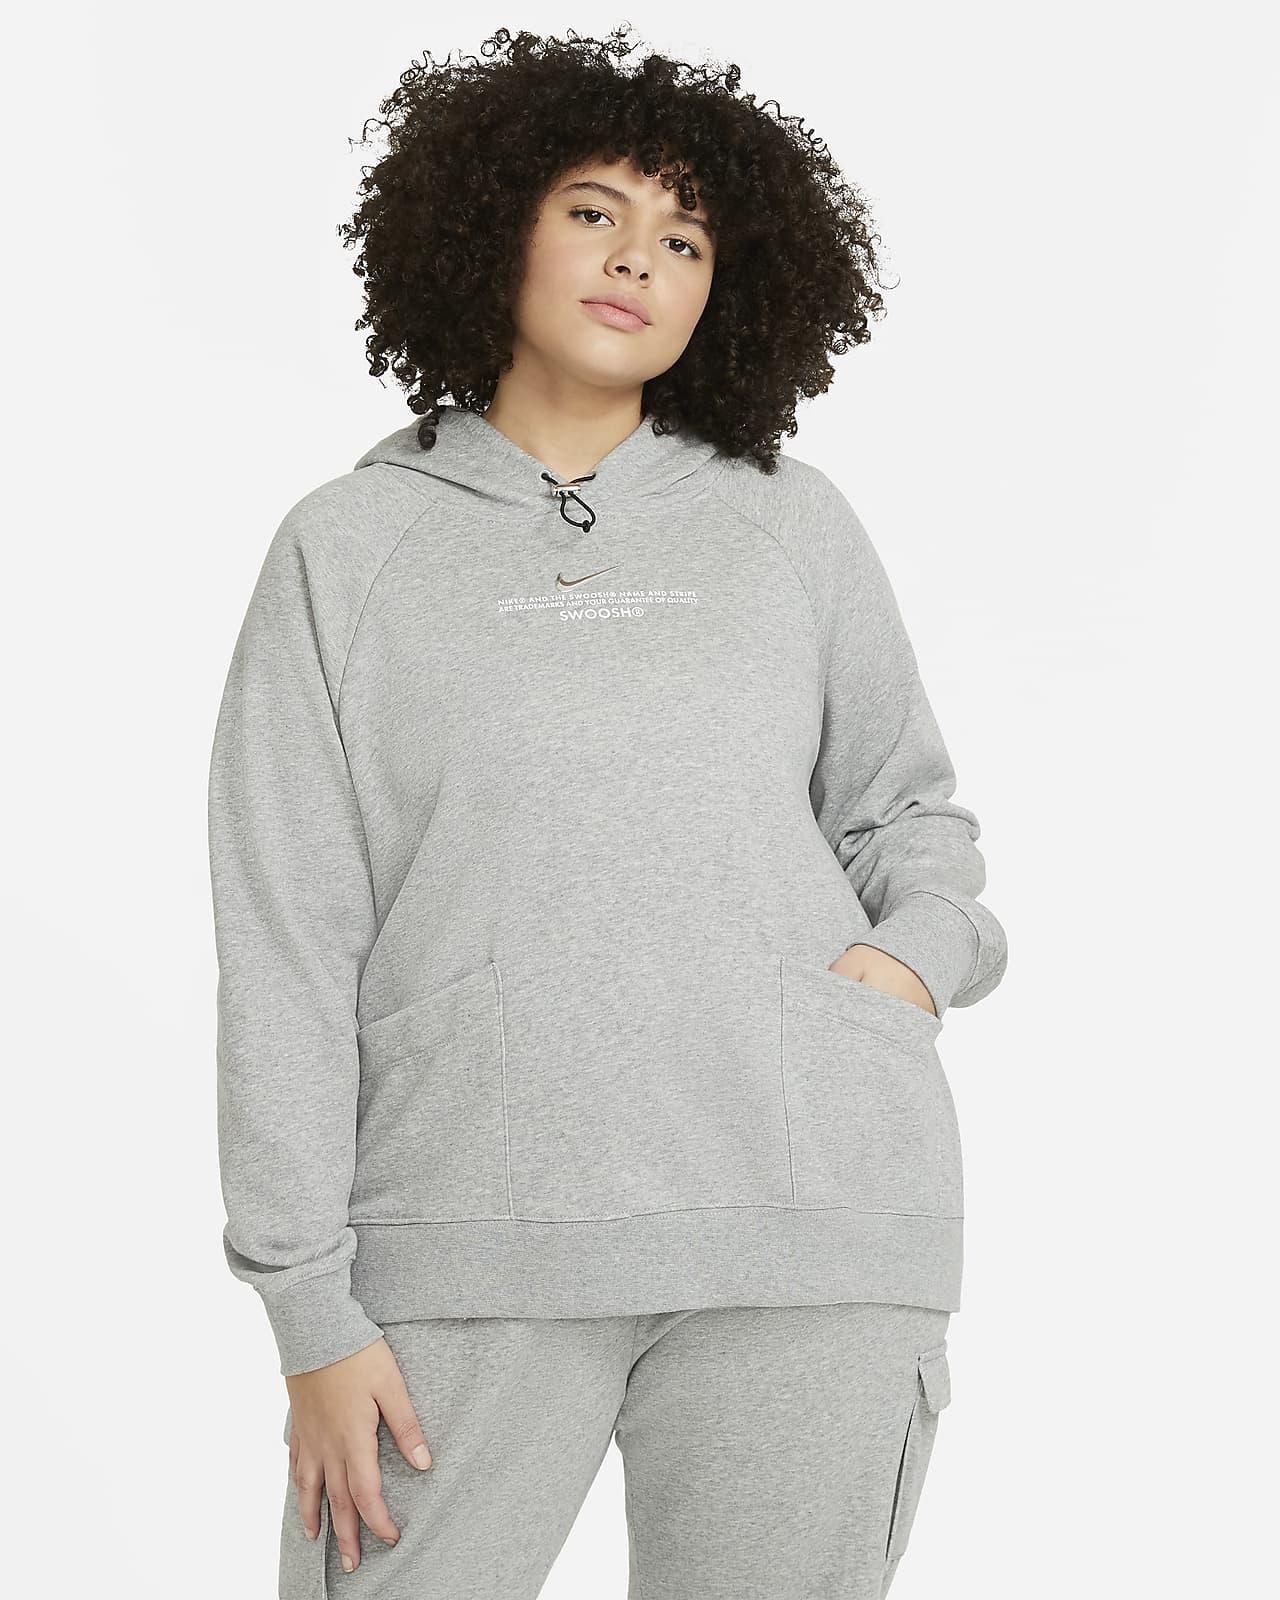 Damska bluza z kapturem Nike Sportswear Swoosh (duże rozmiary)